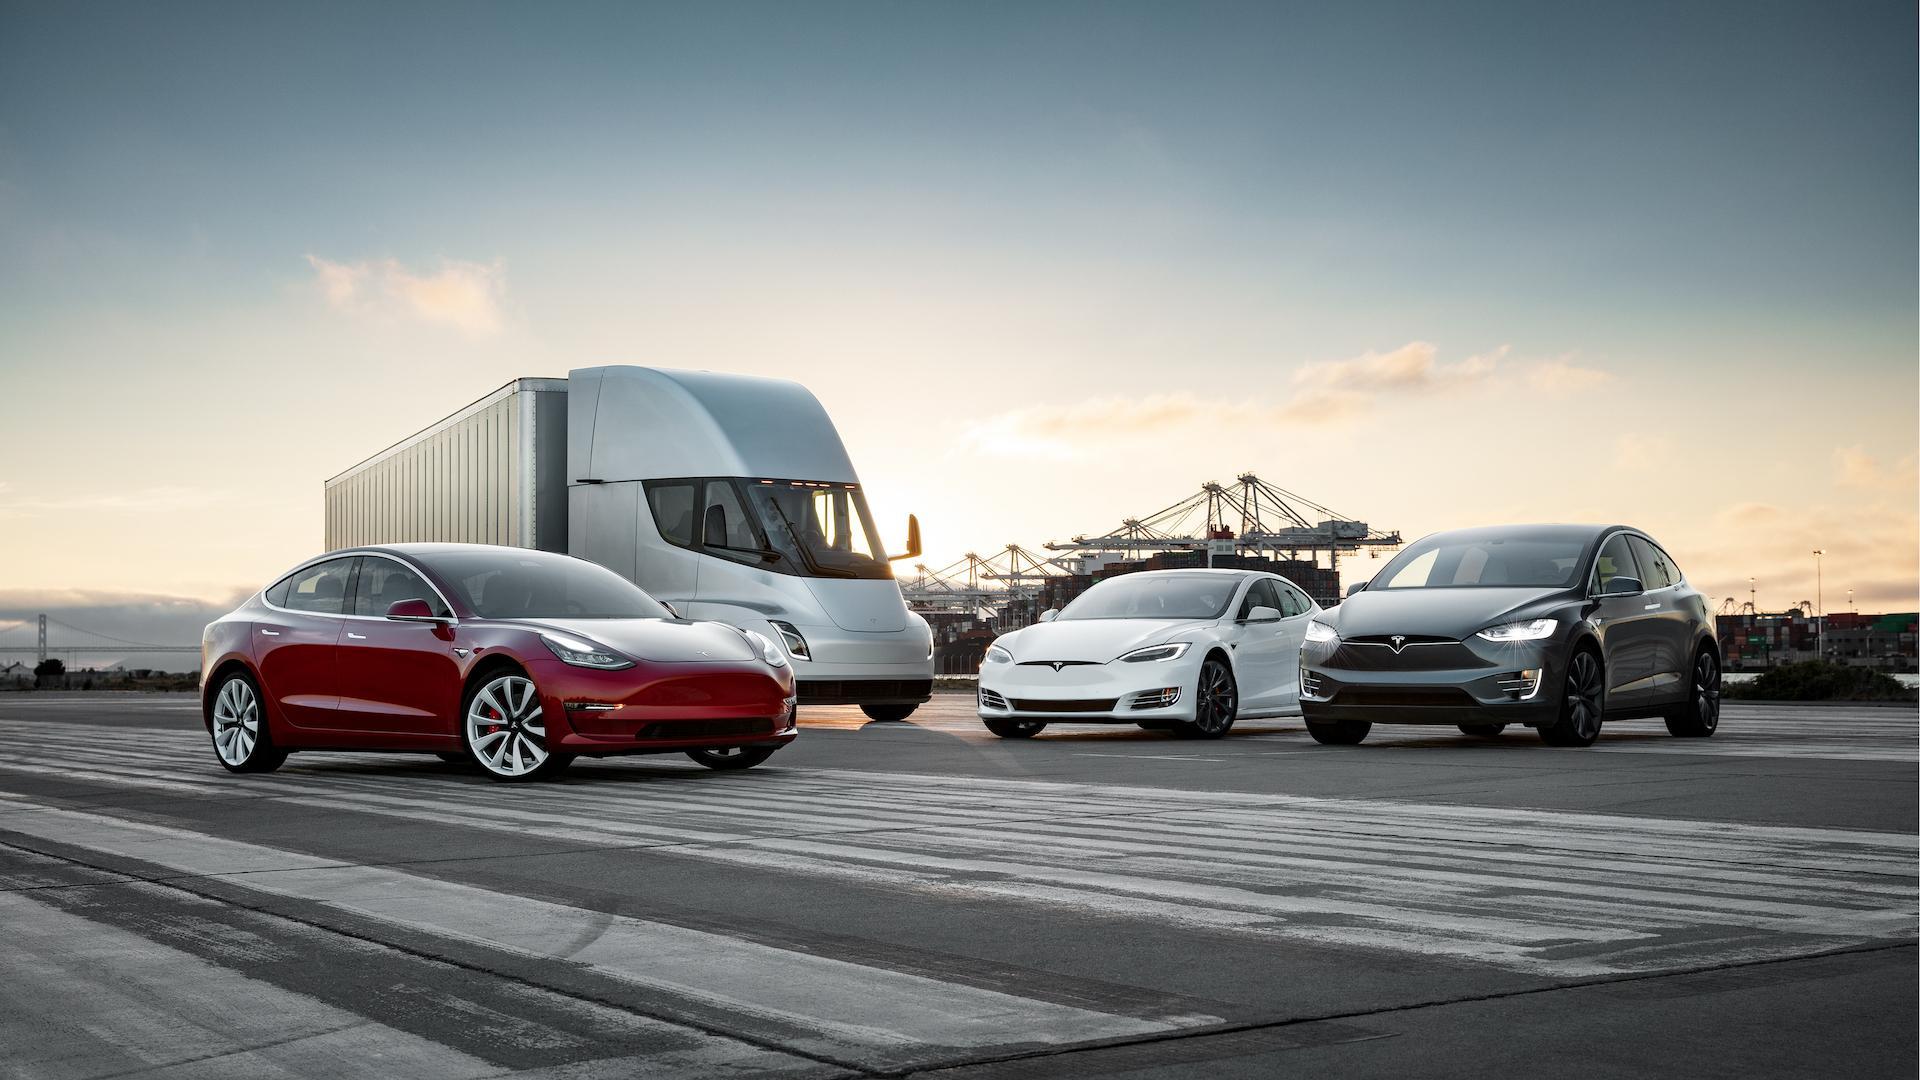 Tesla Model 3, Model S, Model X a chystaný nákladní automobil Semi